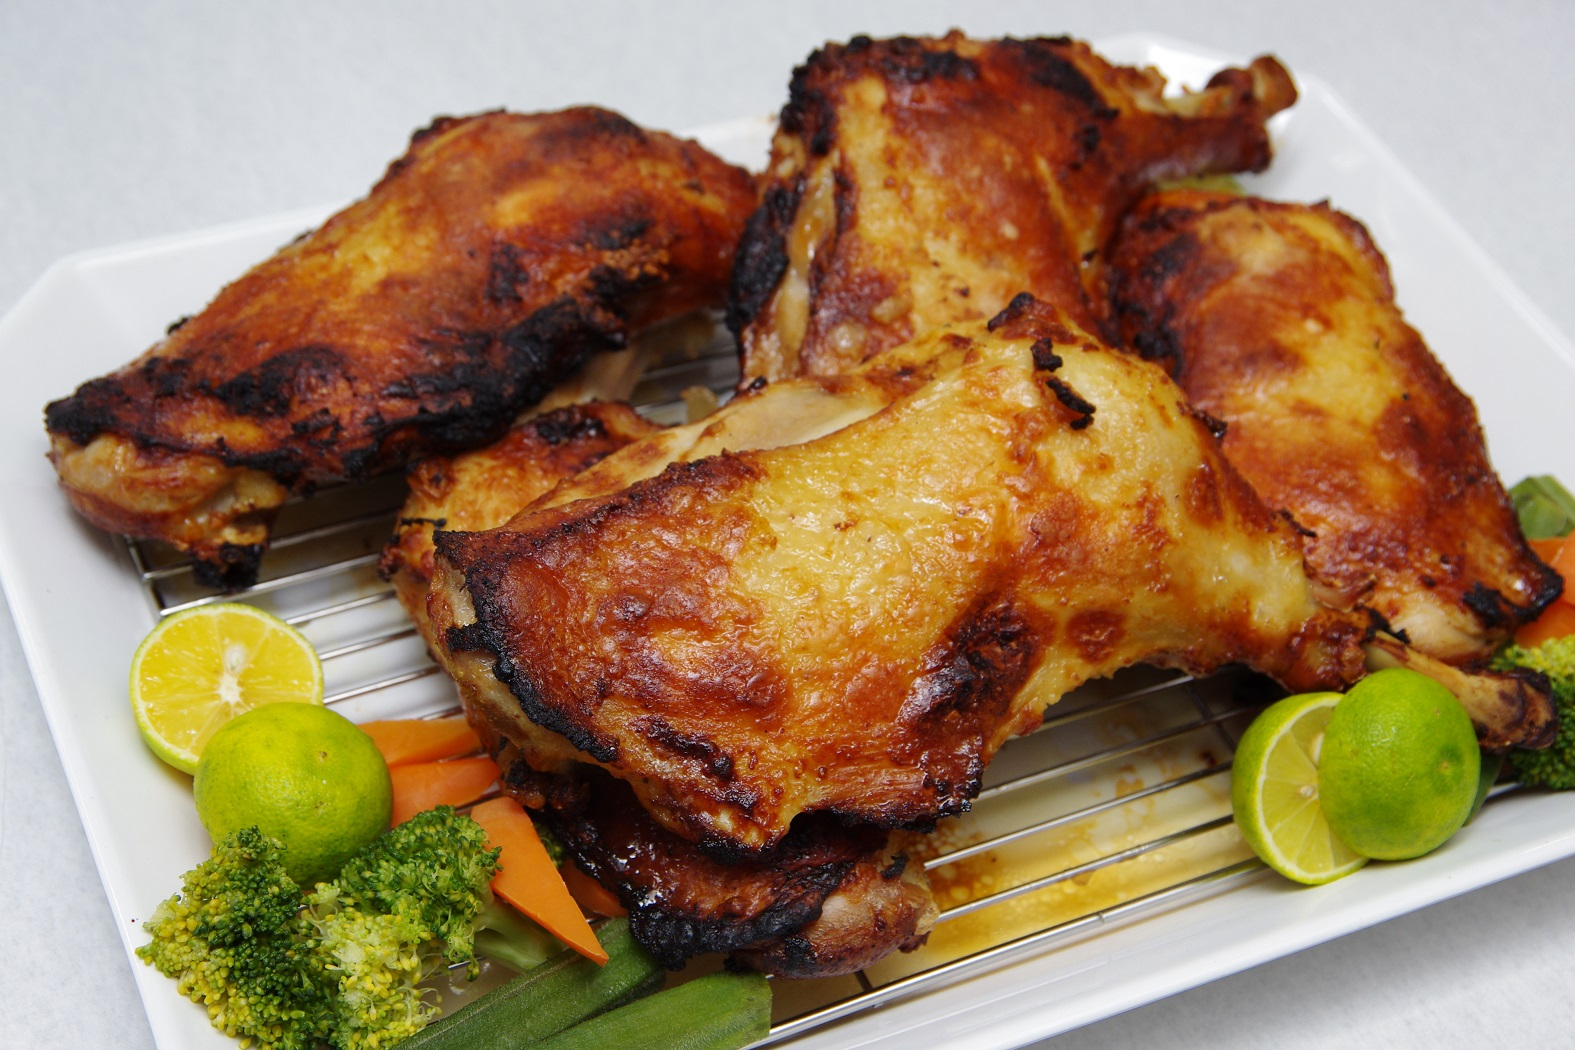 大晦日も元旦も営業!「一鴻そごう徳島店」の骨付き鶏で華やかな年末年始を!